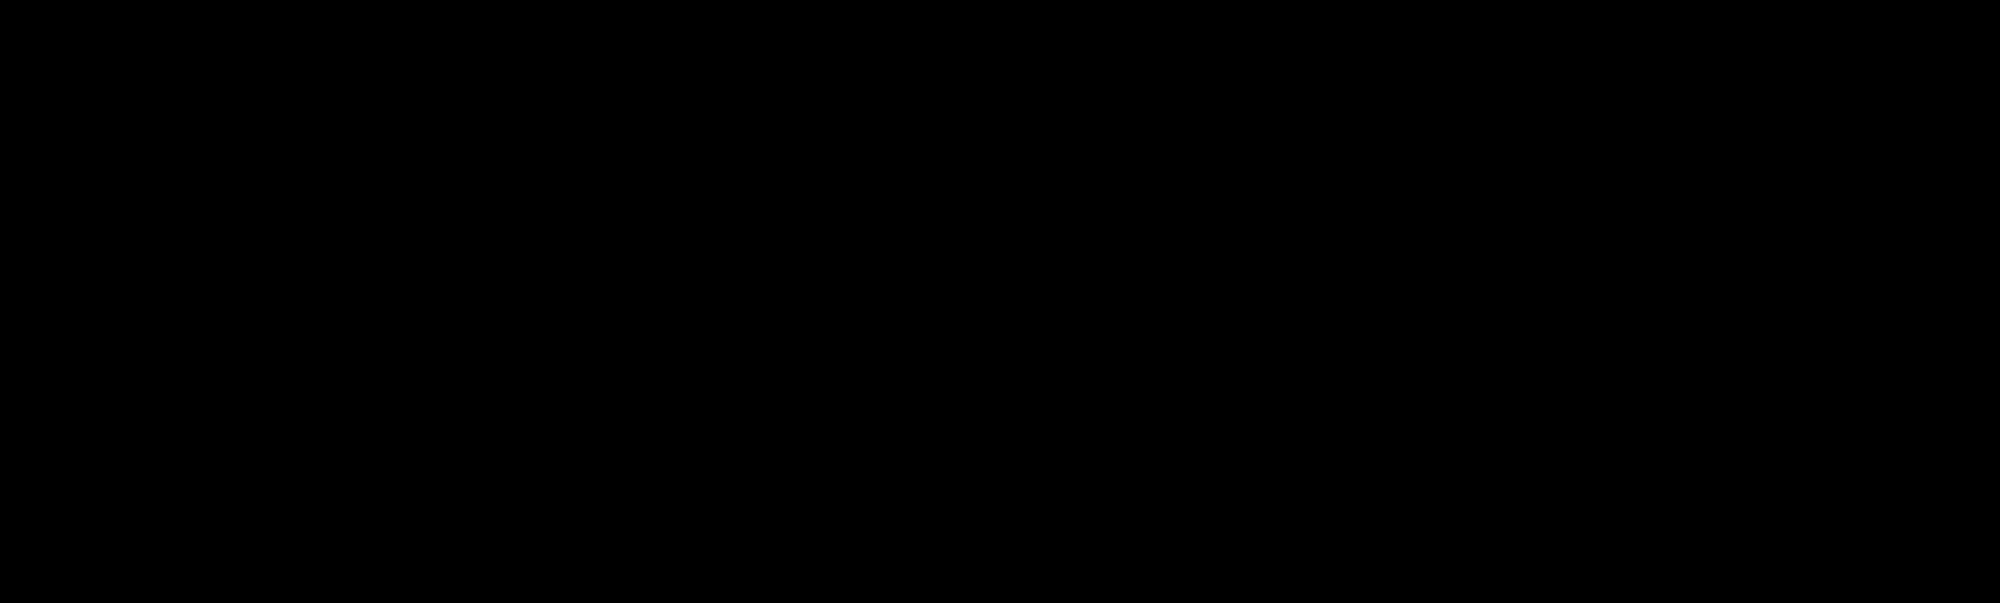 PATHFINDER-logo (1).png